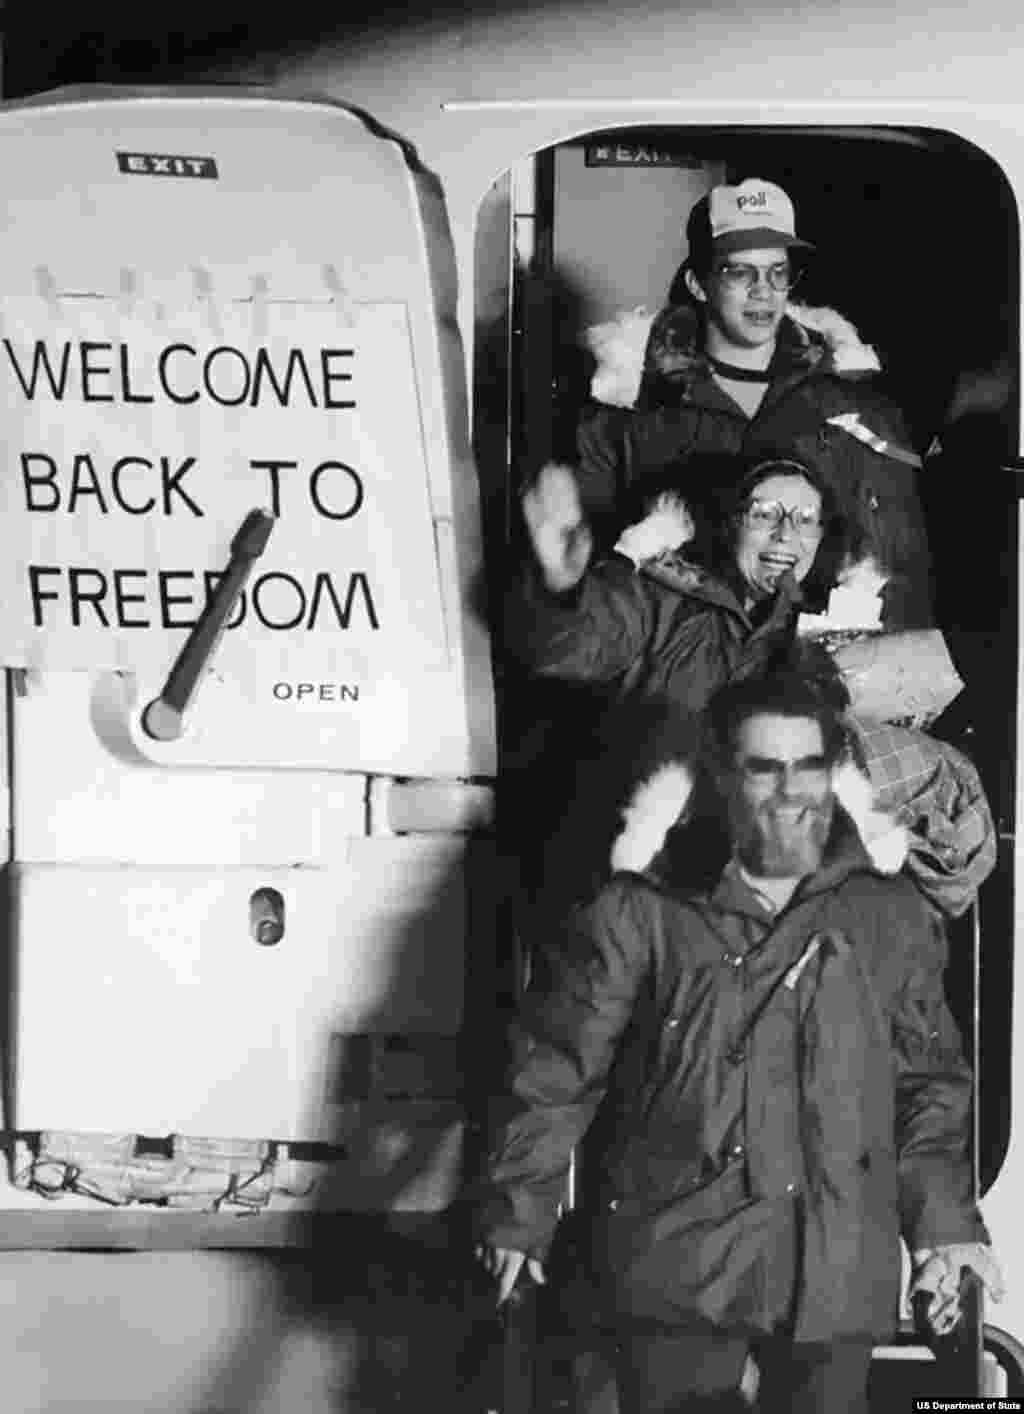 Освобожденные после тяжелого переговорного процесса при посредничестве Алжира 52 заложника прибывают в Висбаден в Западной Германии. 20 января 1981 года. Они были выпущены через несколько минут после приведения Рональда Рейгана к присяге в качестве президента США. В 1980 году было освобождено 14 заложников, в том числе один по медицинским показаниям.